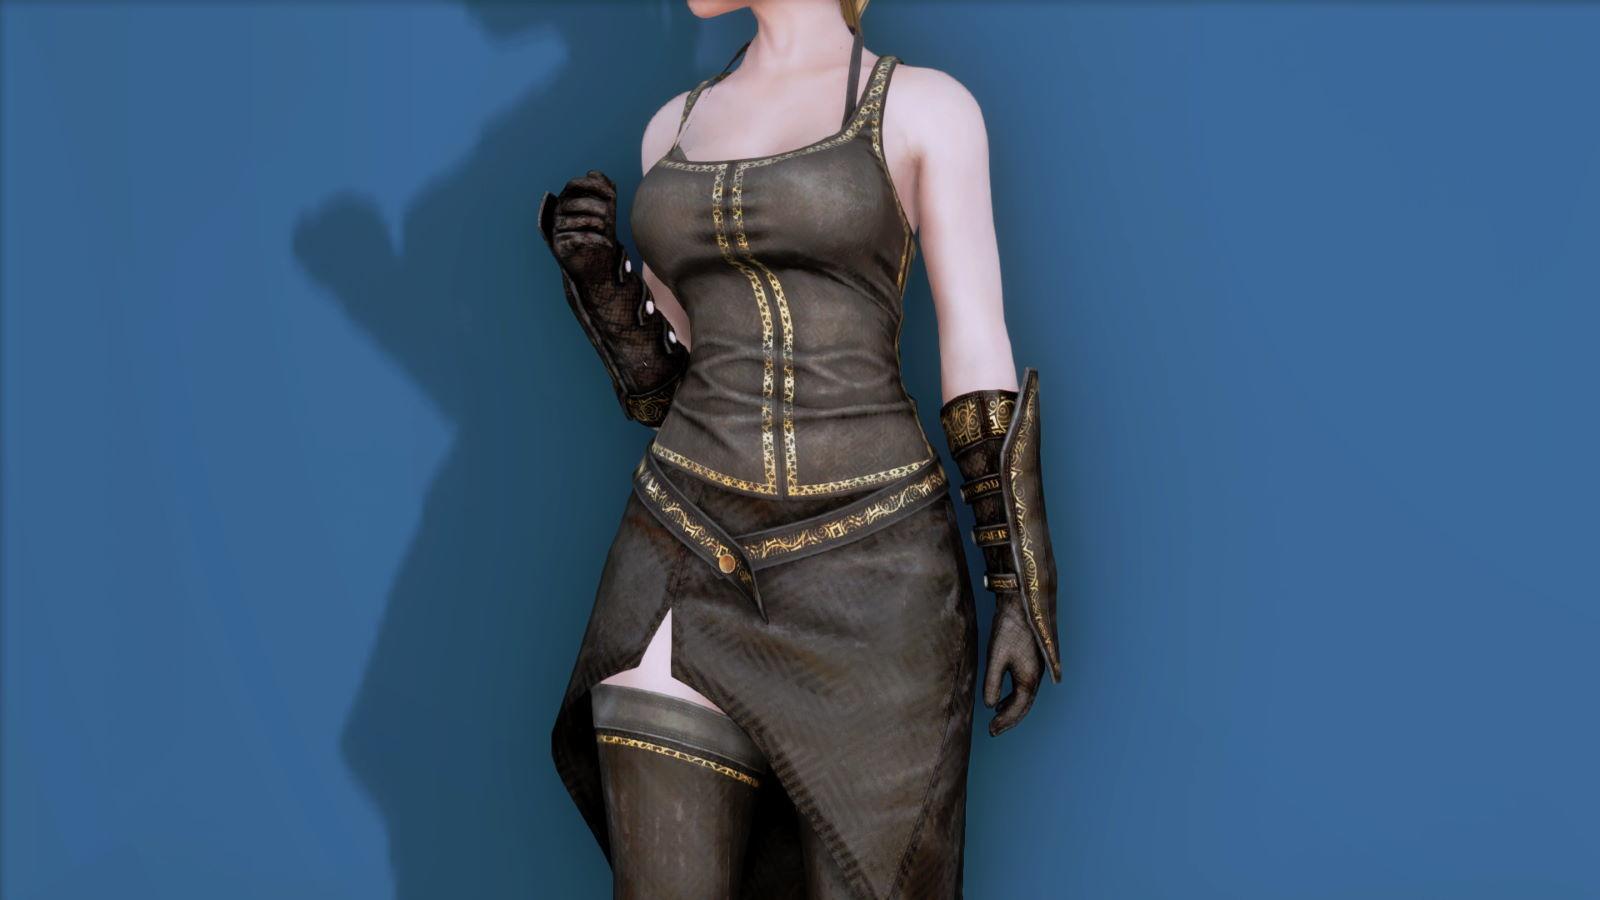 RuggedRogueSSE 222-1 Pose Up-Fr-F Vest Skirt W 1